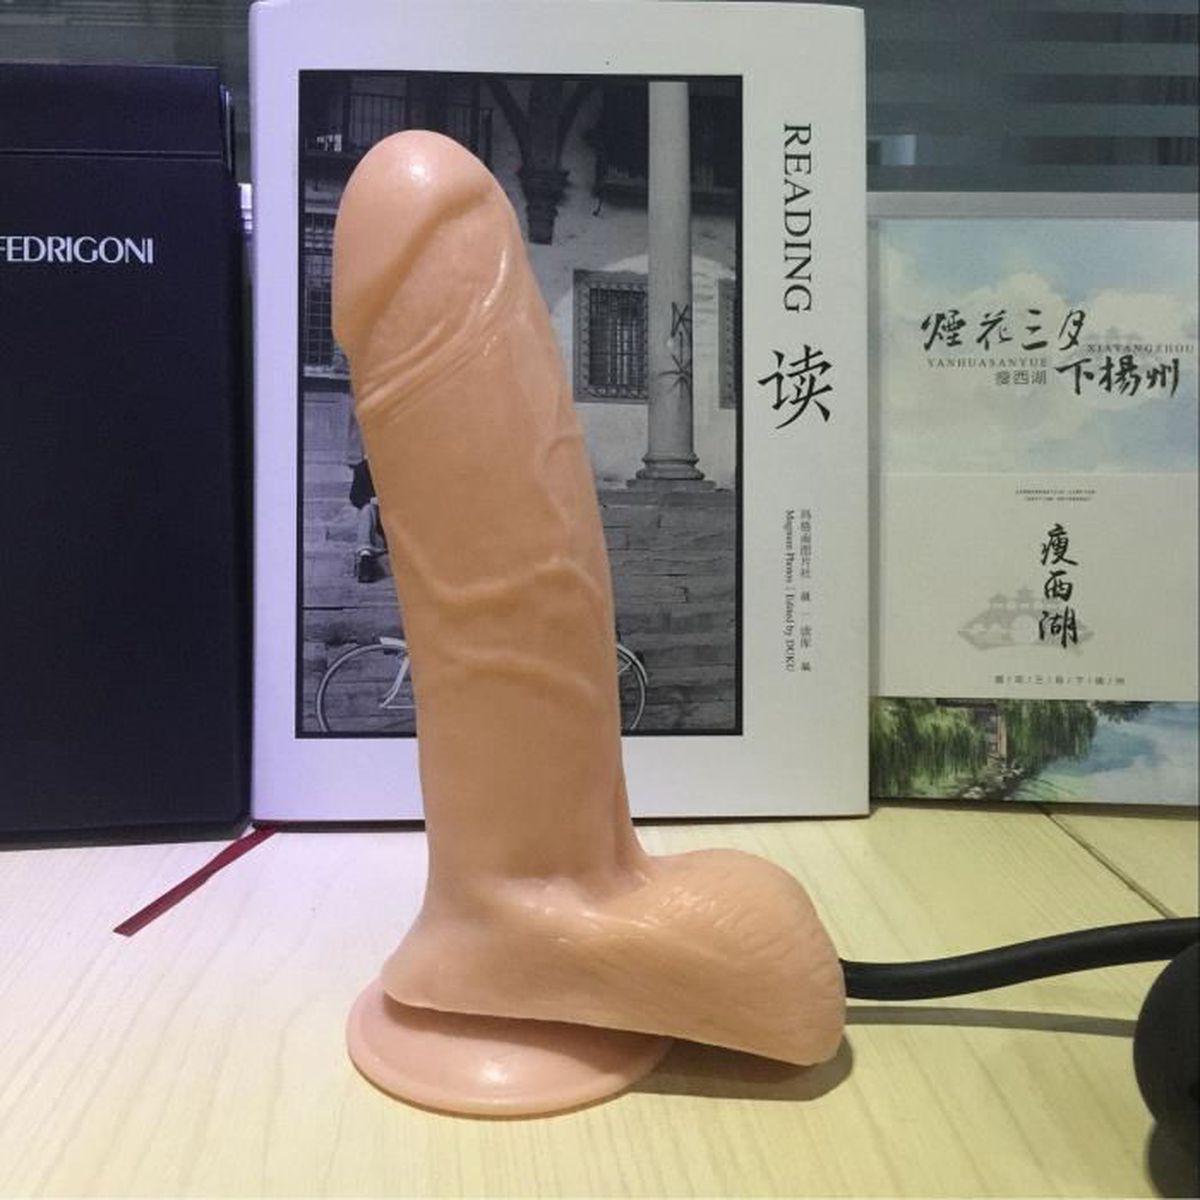 katsumi sexe sex shop marseille